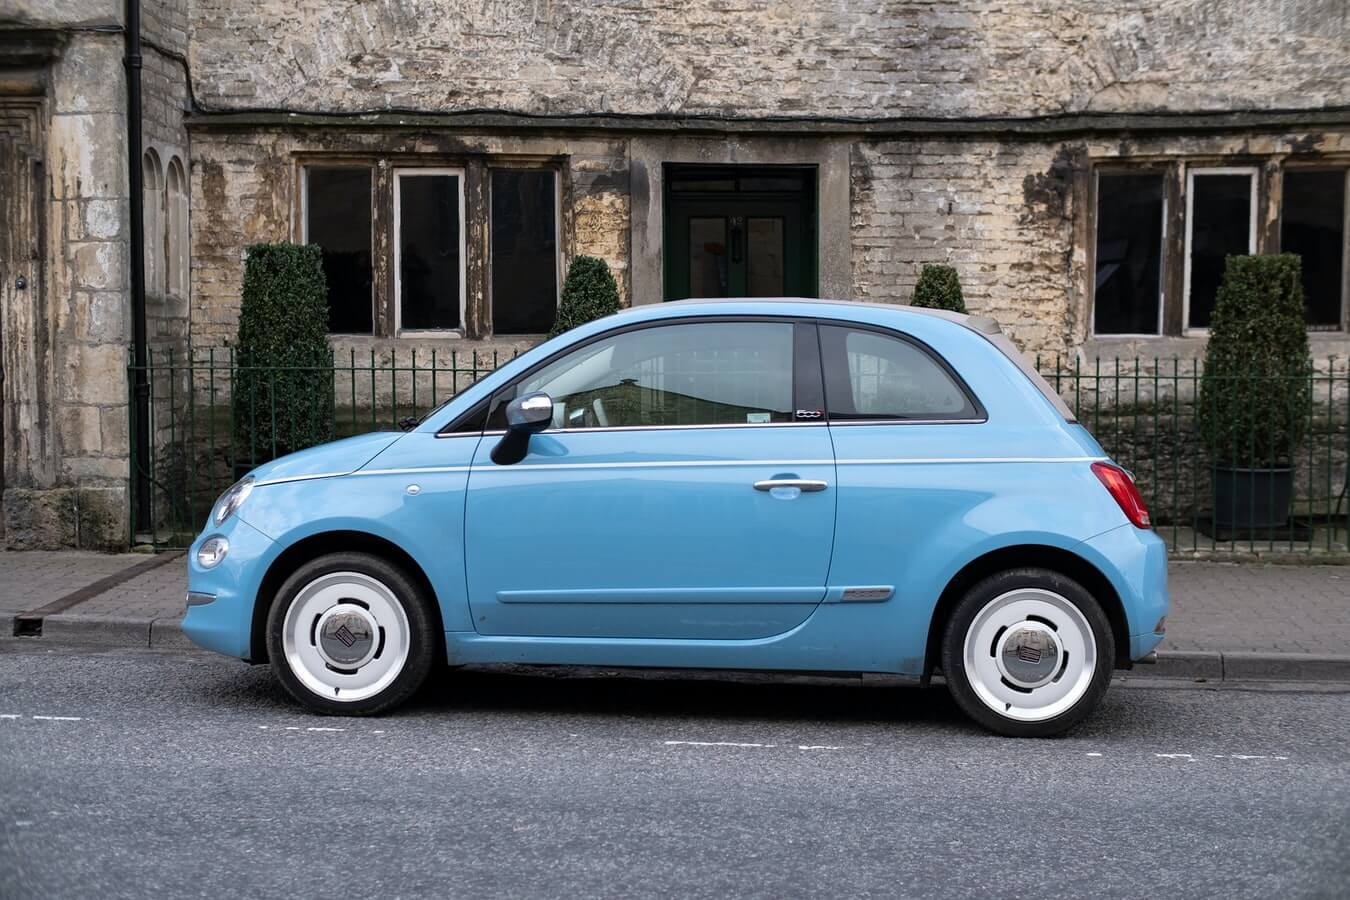 Imagem mostra um veículo azul estacionado